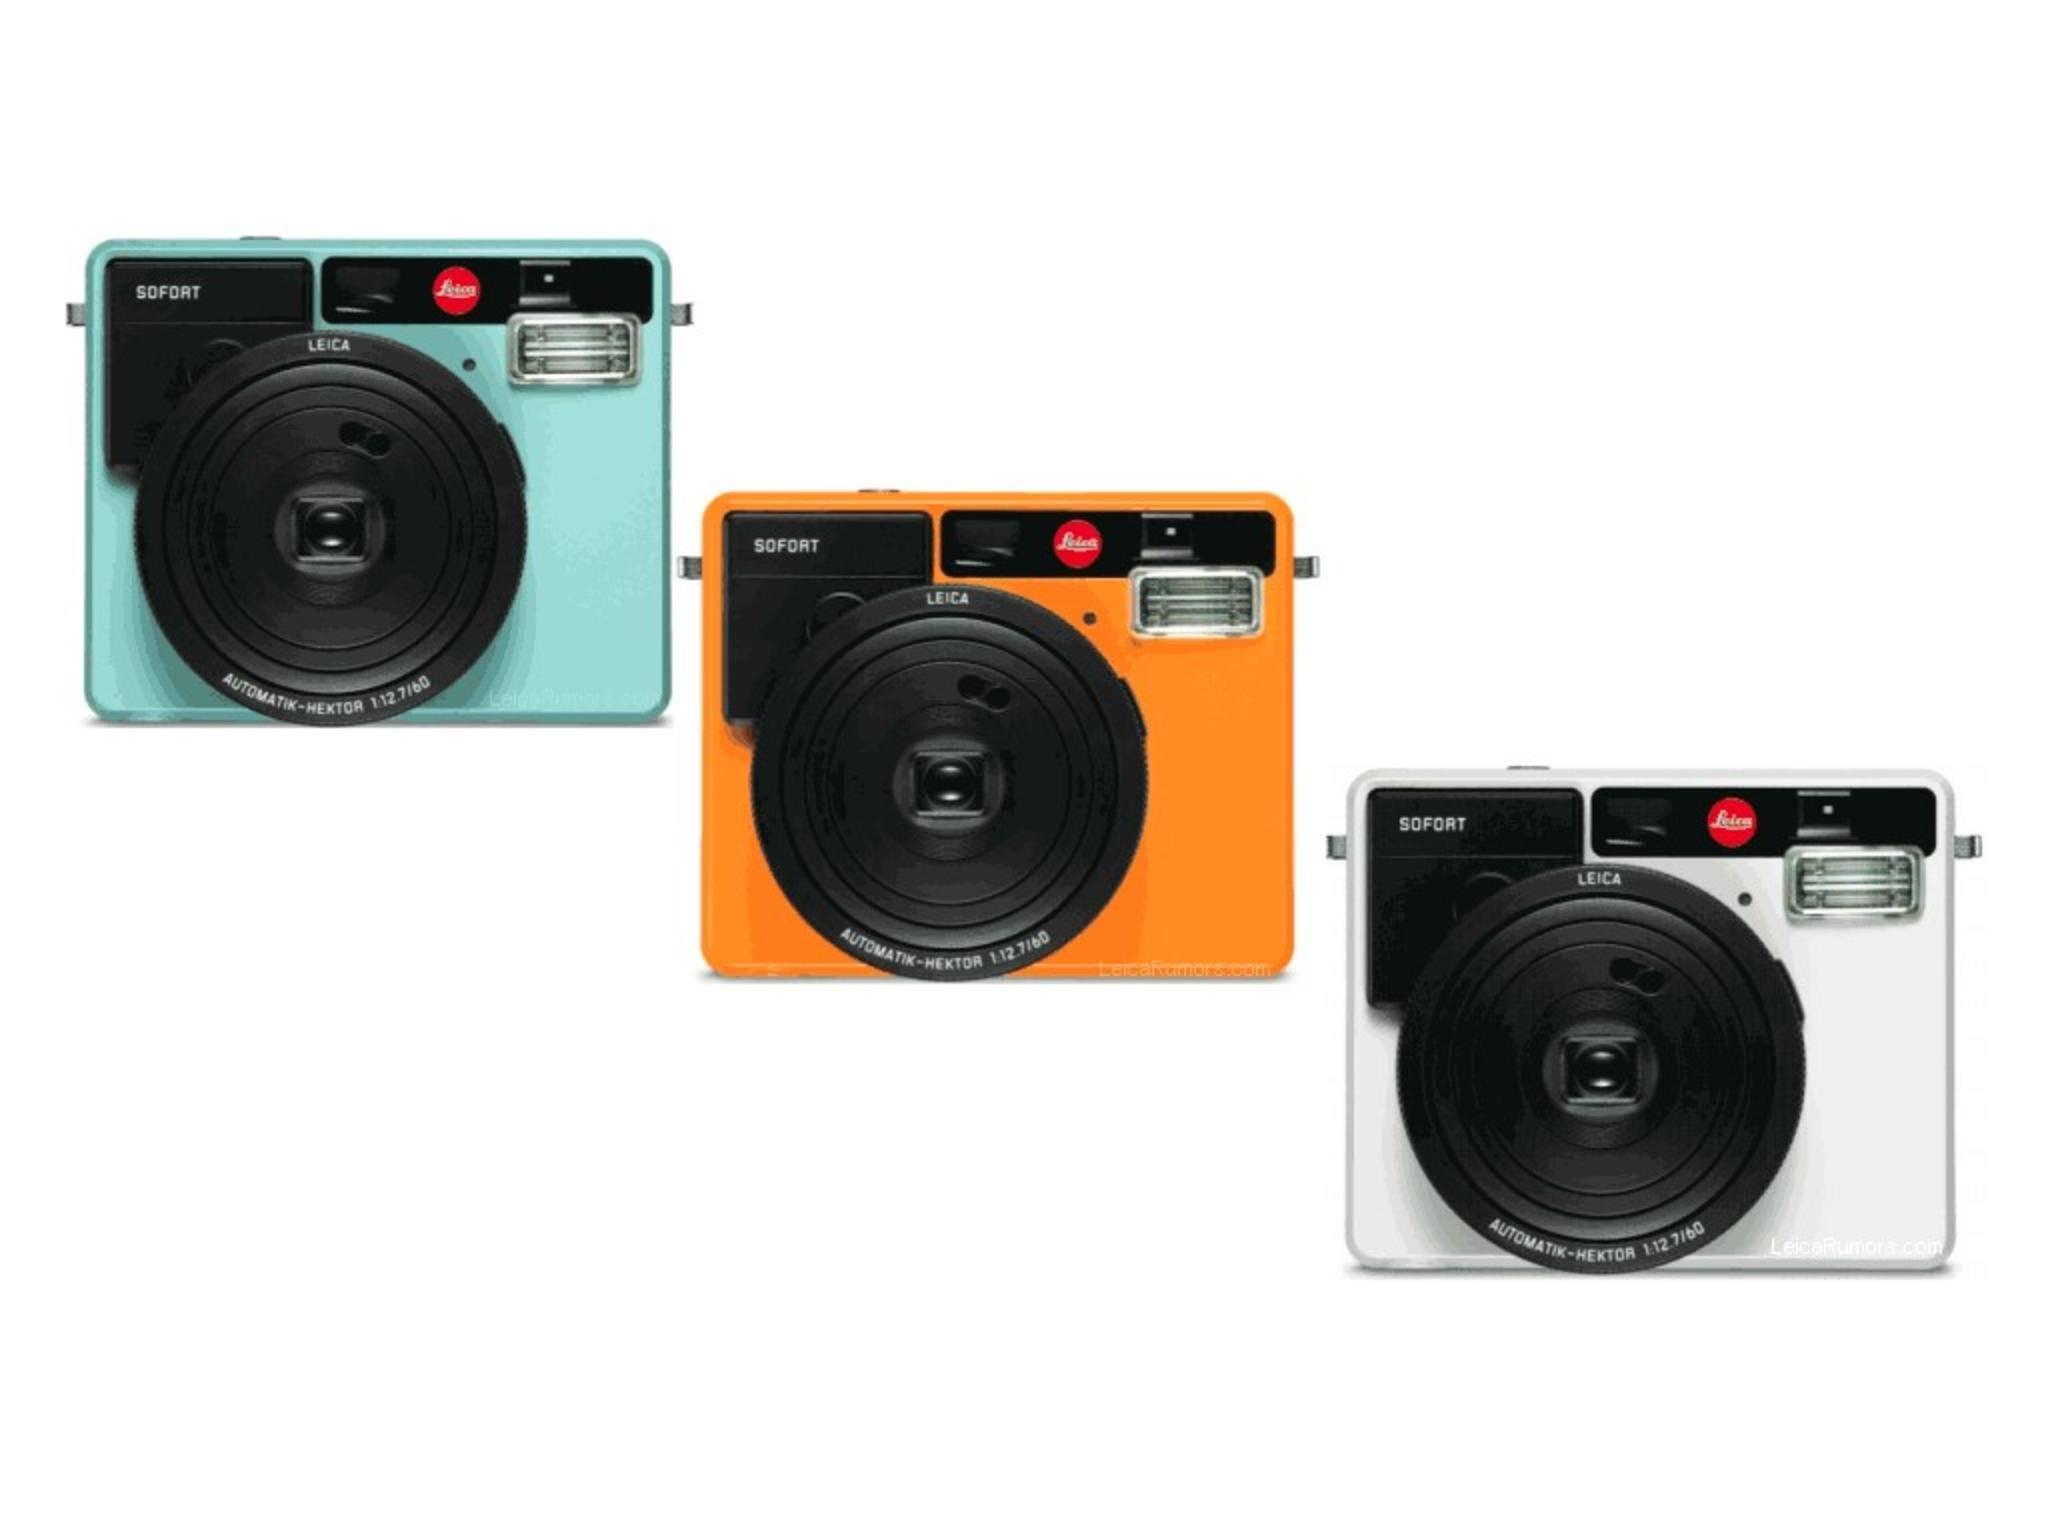 Die Leica Sofort soll am 15. September offiziell vorgestellt werden.